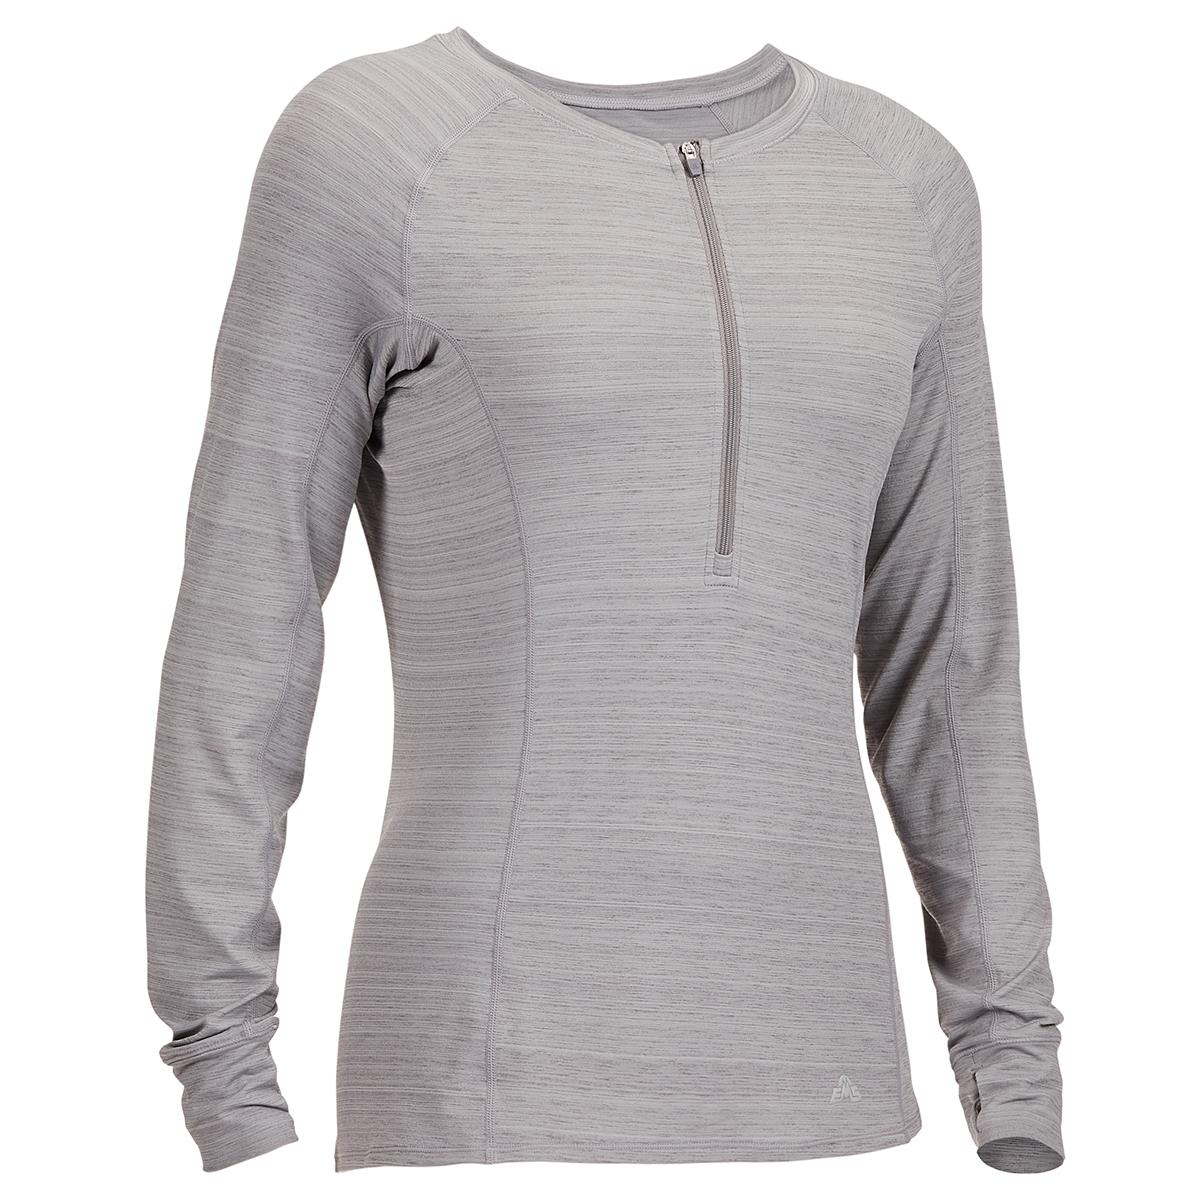 Ems Women's Long-Sleeve Half-Zip Deck Top - Black, XS